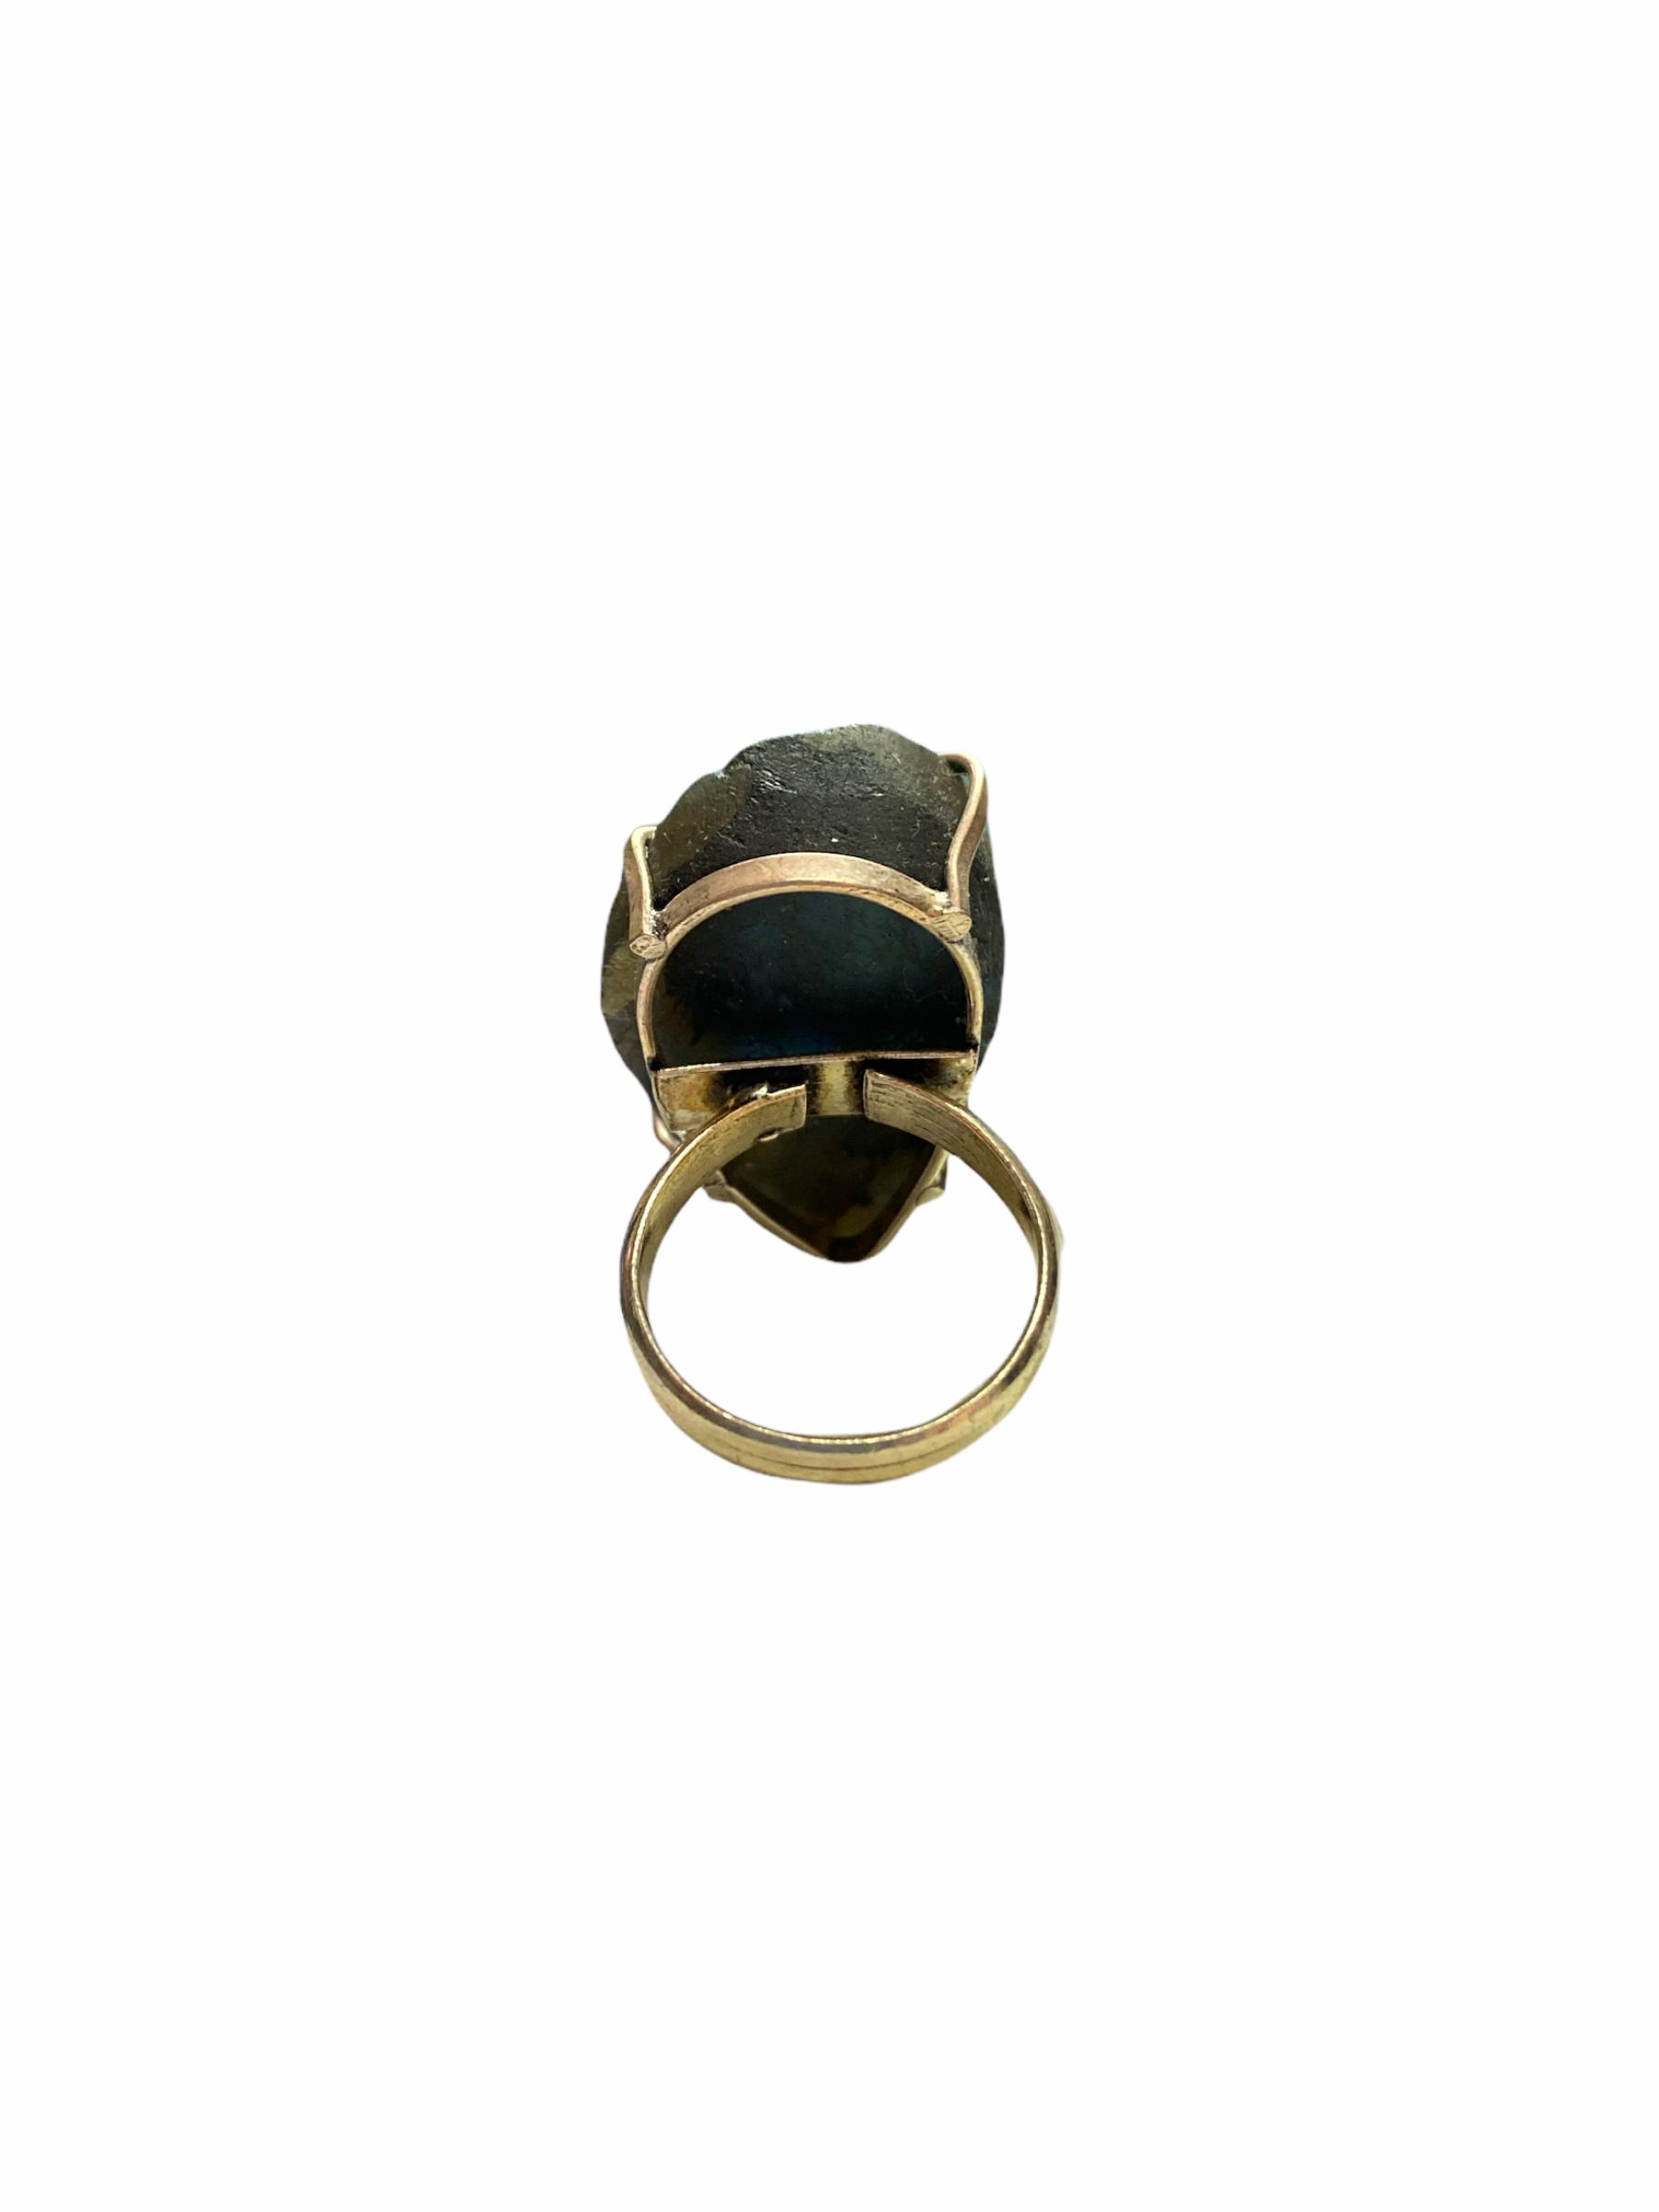 Δαχτυλίδι Χειροποίητο Ακατέργαστο Με Μπλε Λαμπραδορίτη Ασημί